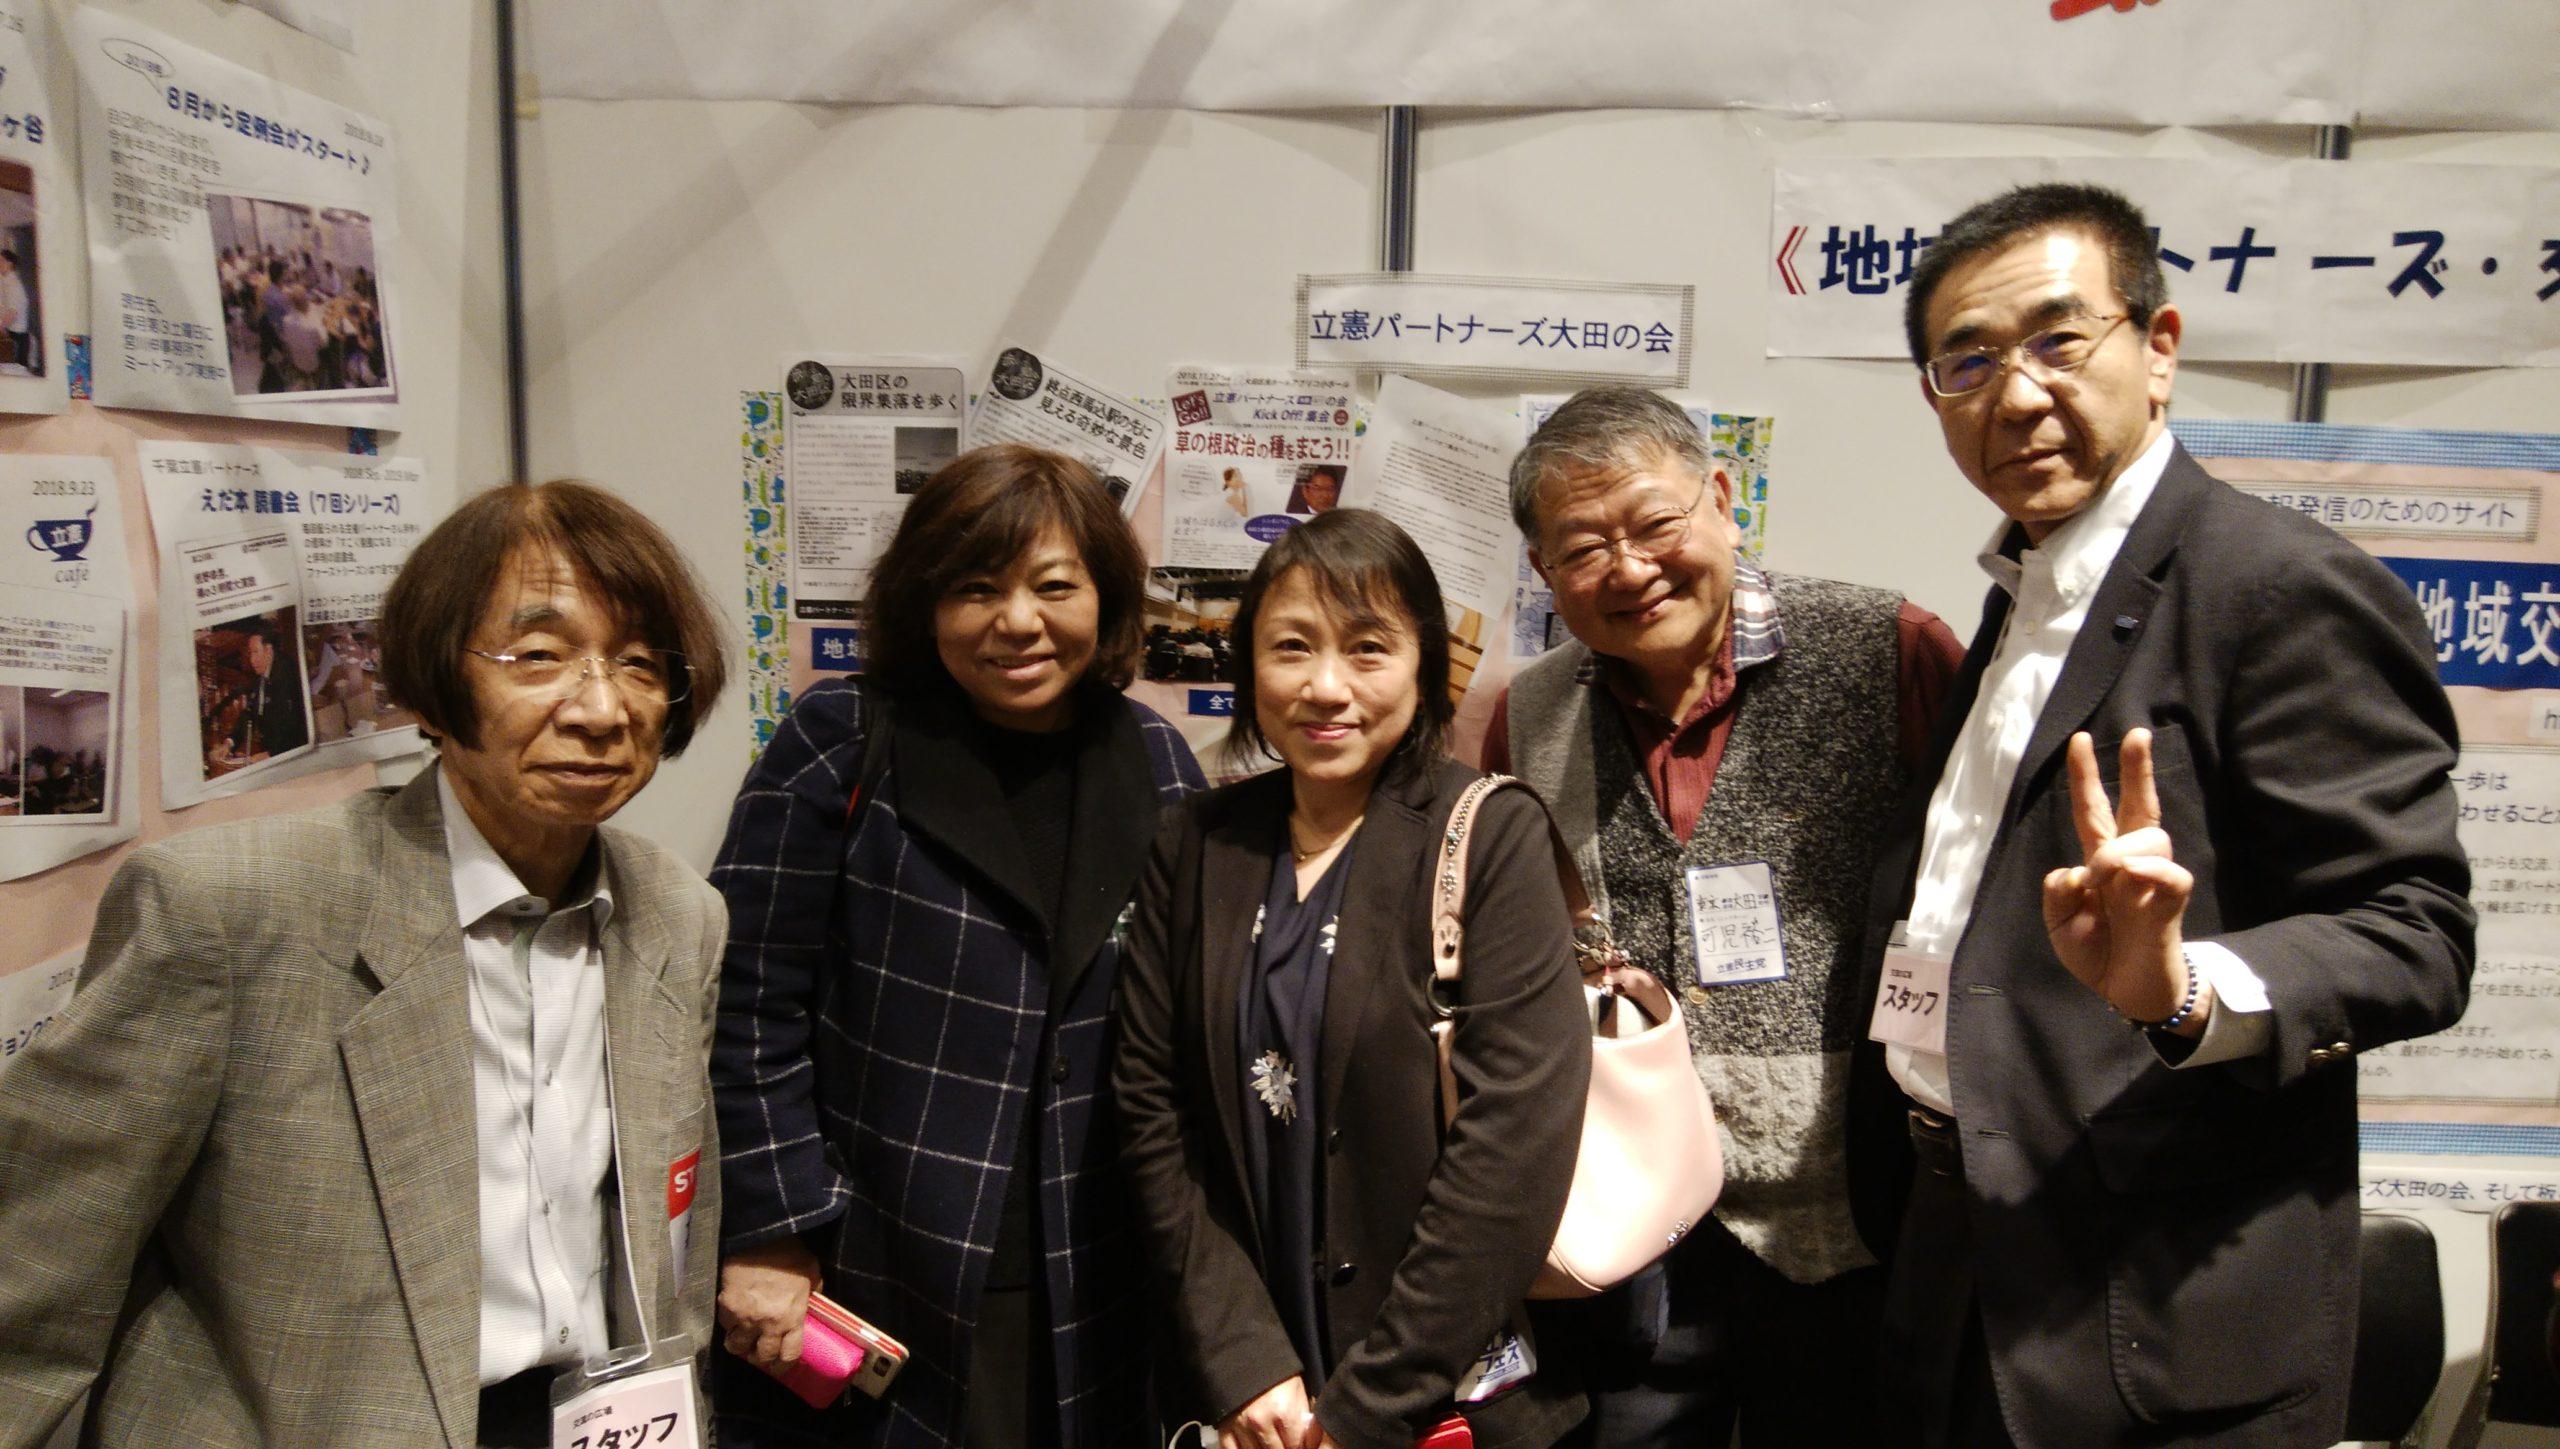 #立憲フェス に大田の会も、ブース参加! #井戸まさえ さんも参加!